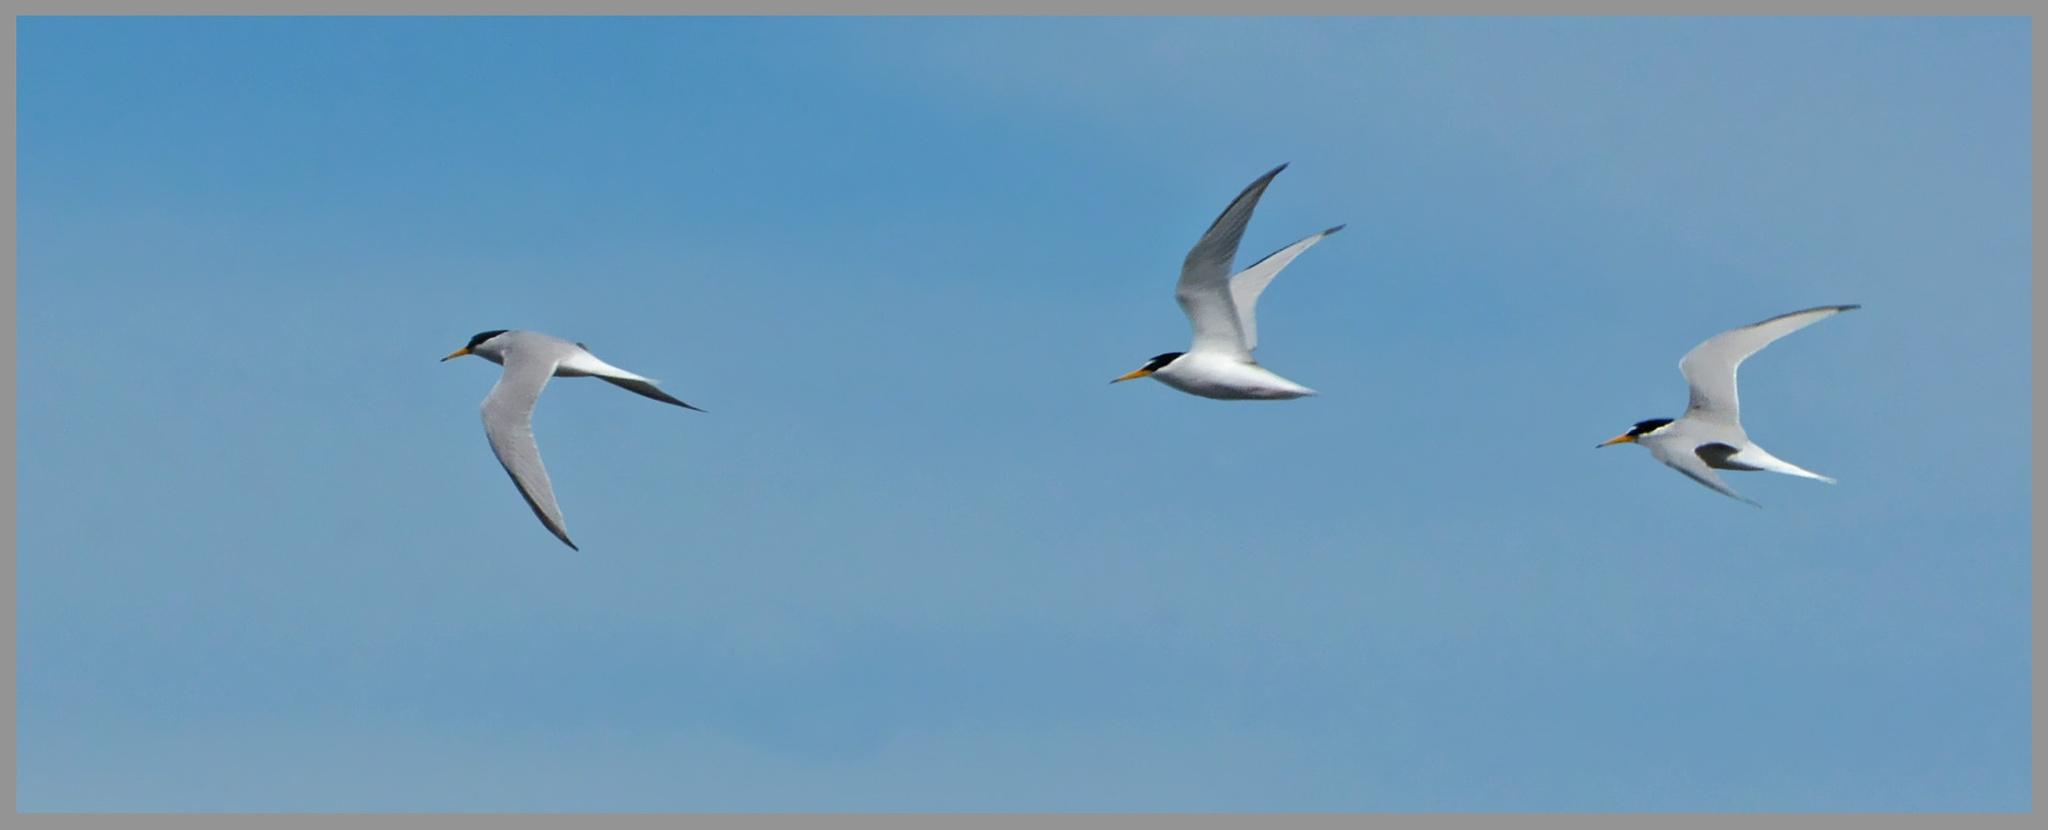 Flight study Little Tern (Sterna albifrons) by Dekayne